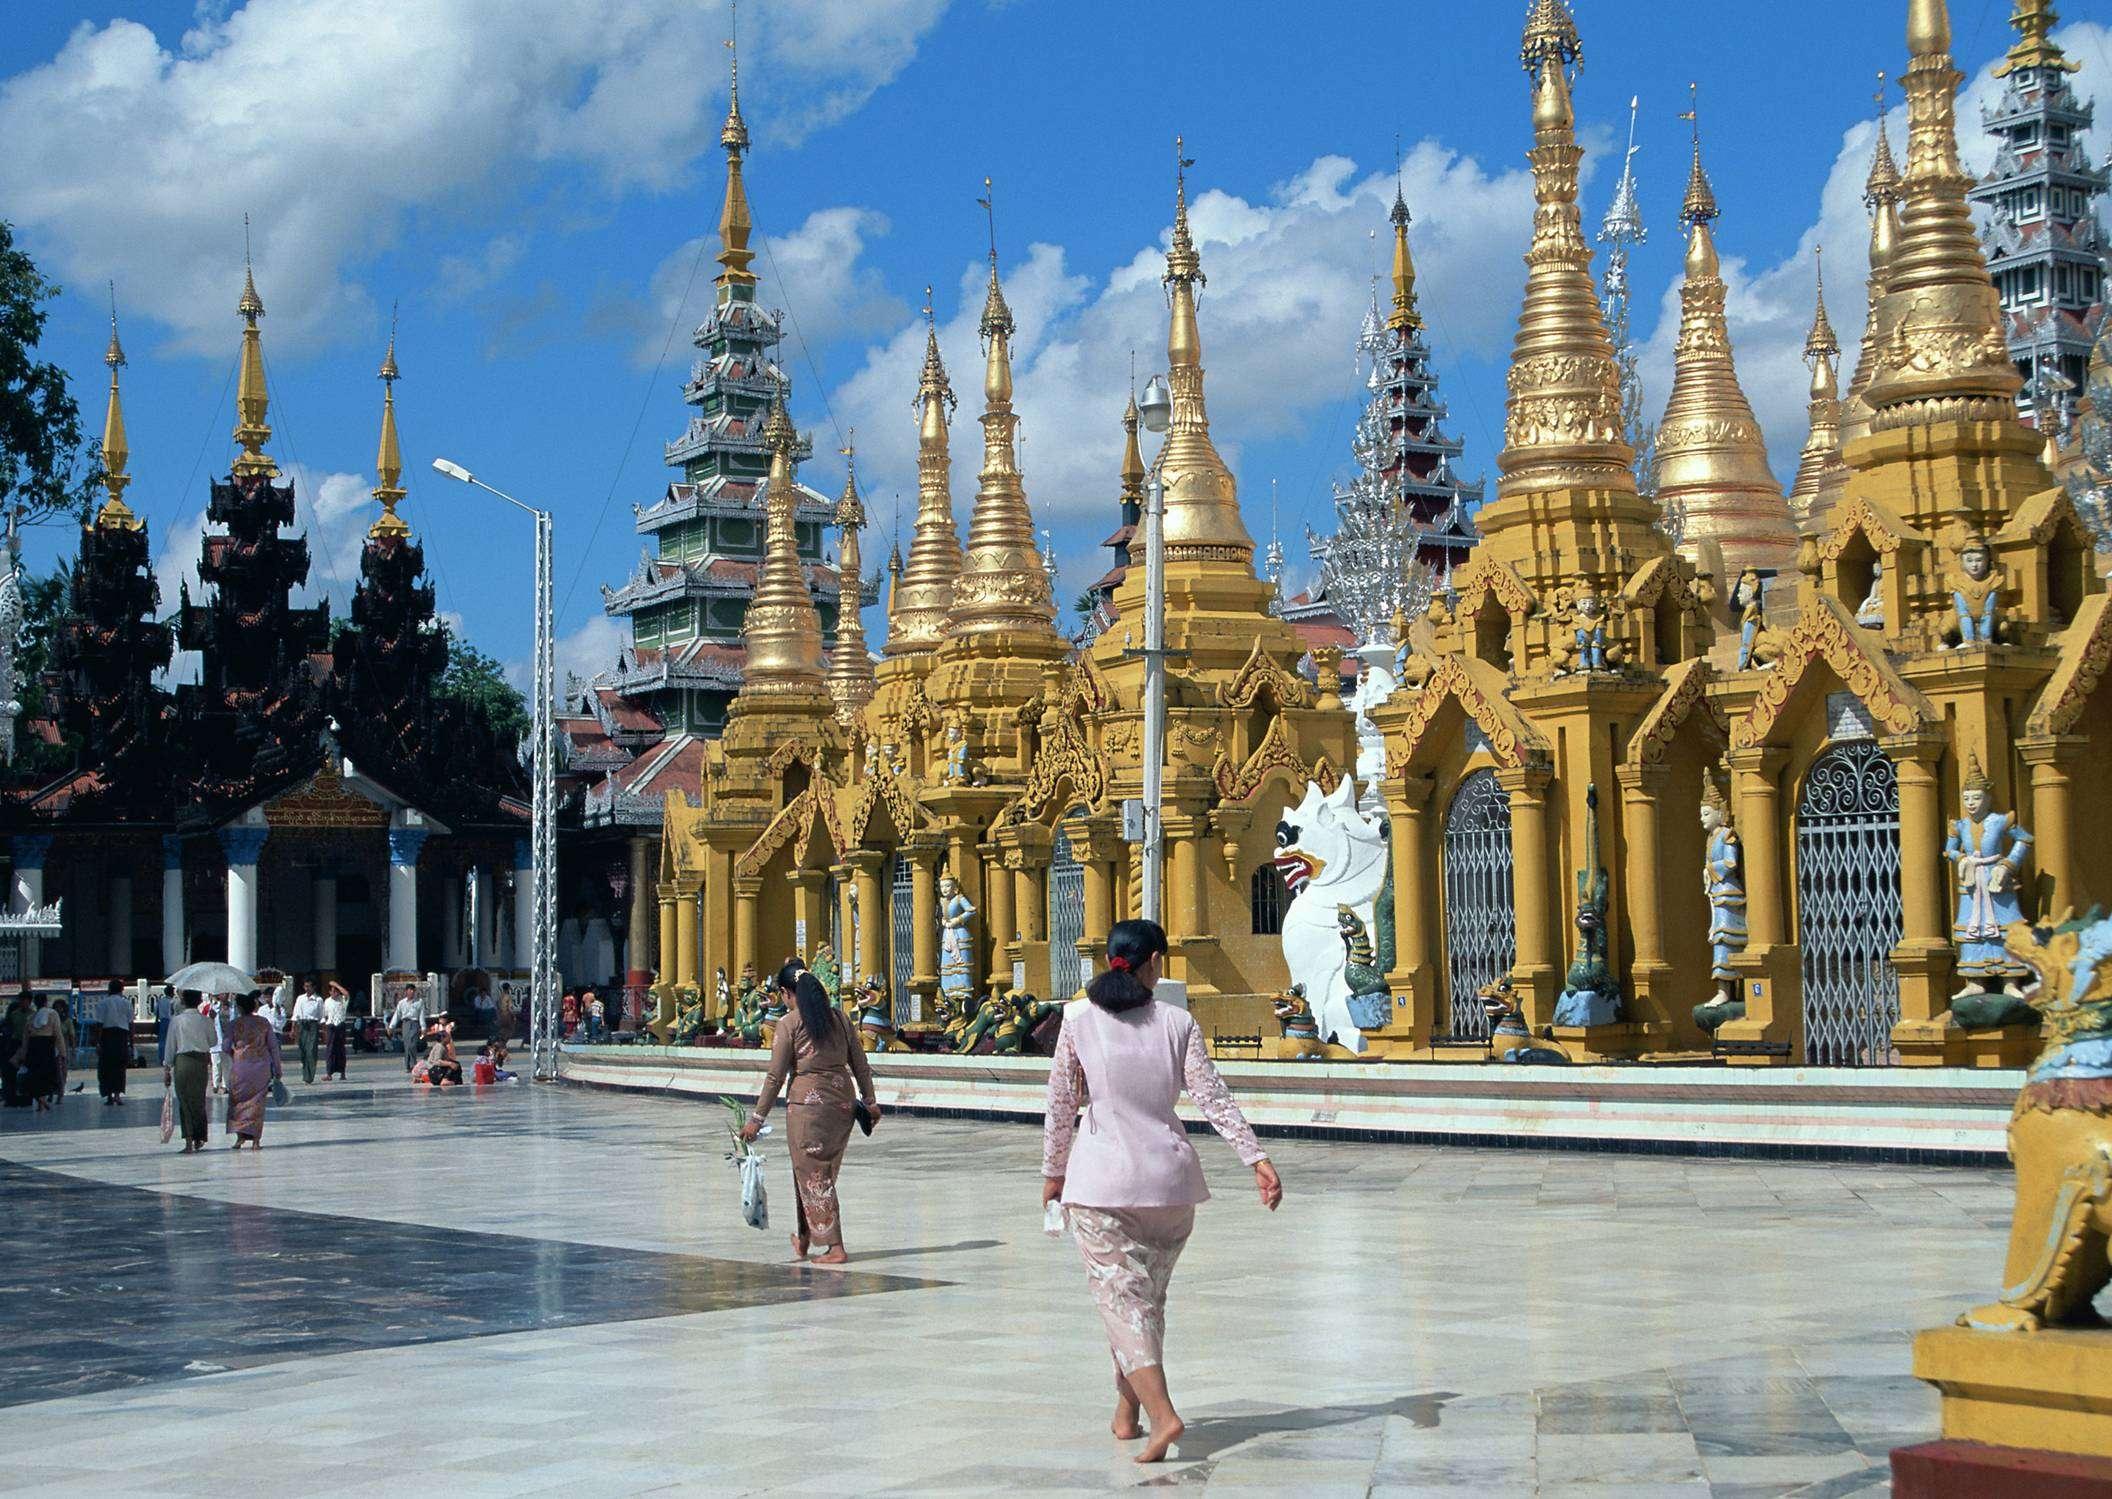 Đừng quên chuẩn bị những thứ cần thiết khi đi Thái Lan